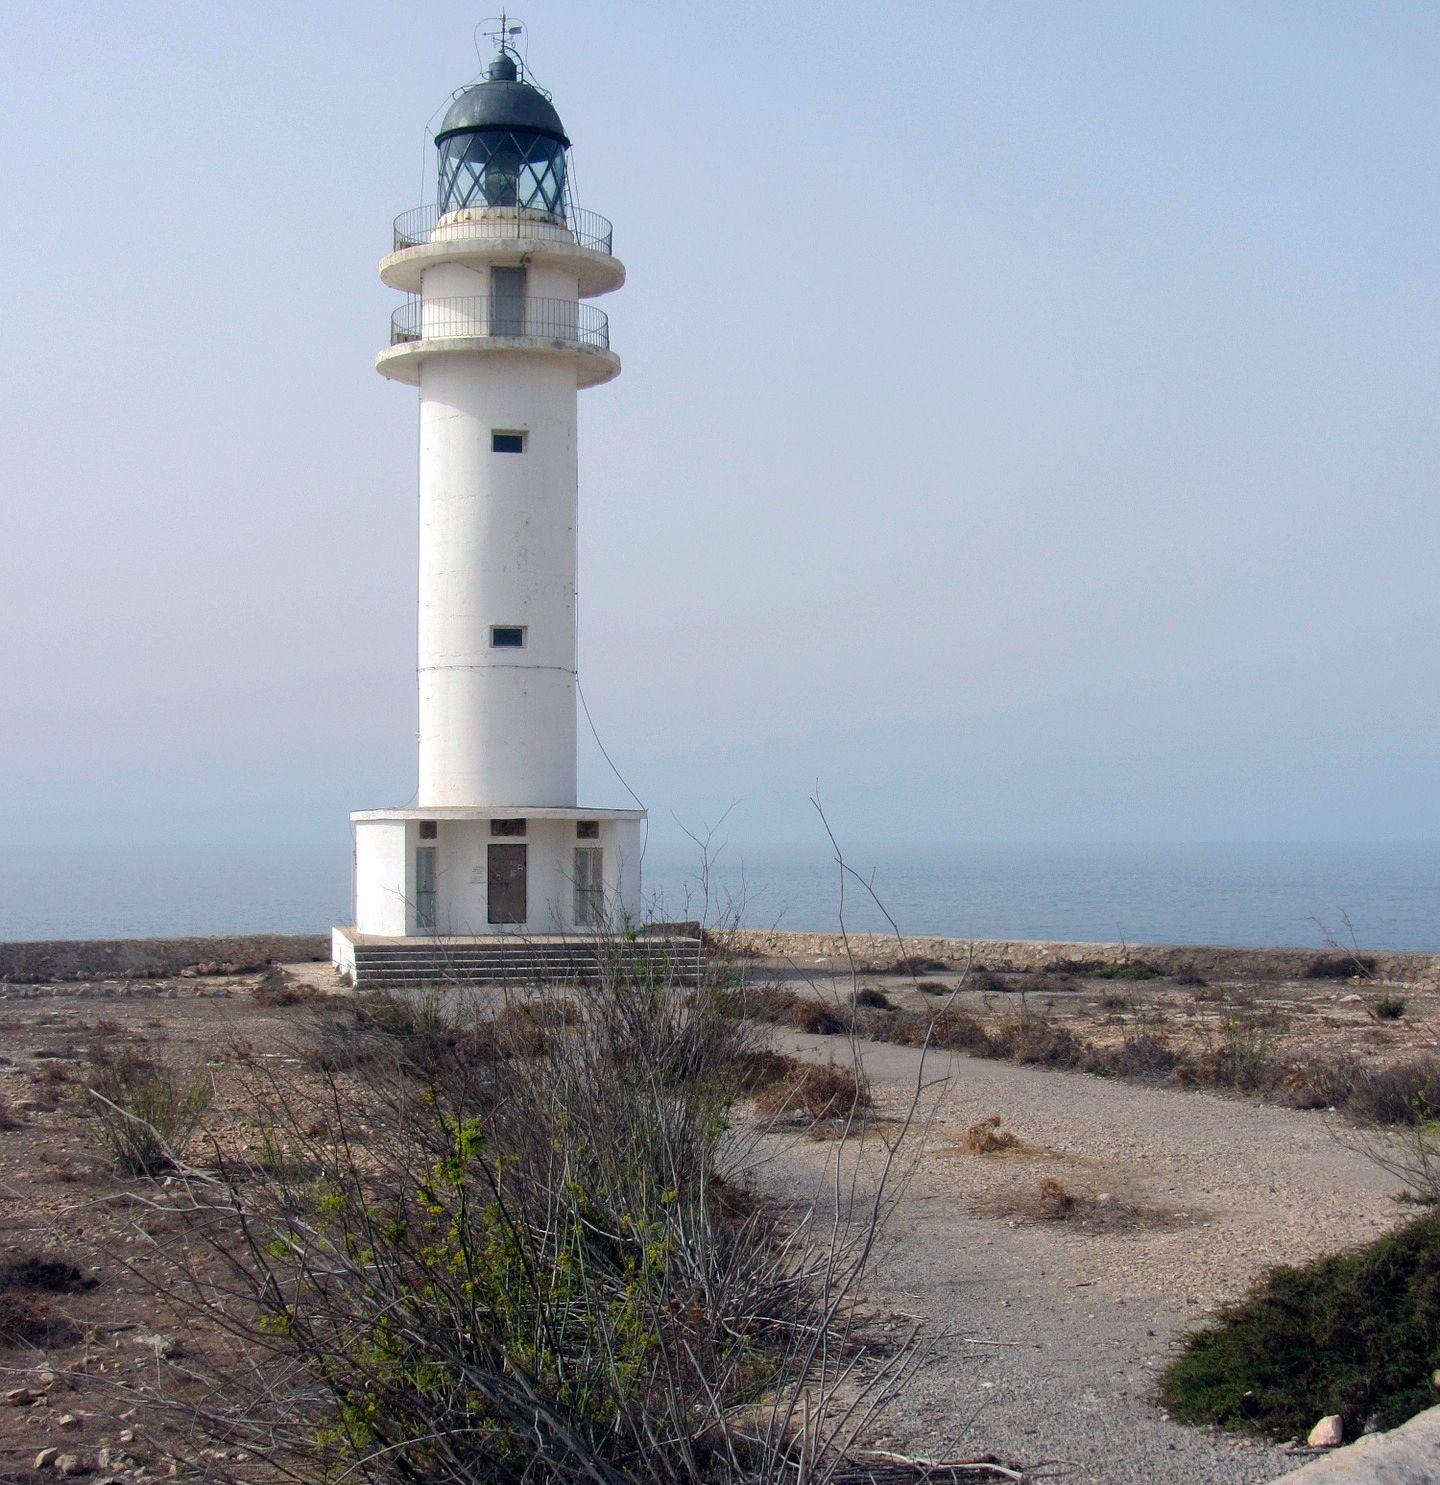 Viajes A Formentera Visitar Baleares Lighthouse Pictures Beautiful Lighthouse Lighthouse Lighting